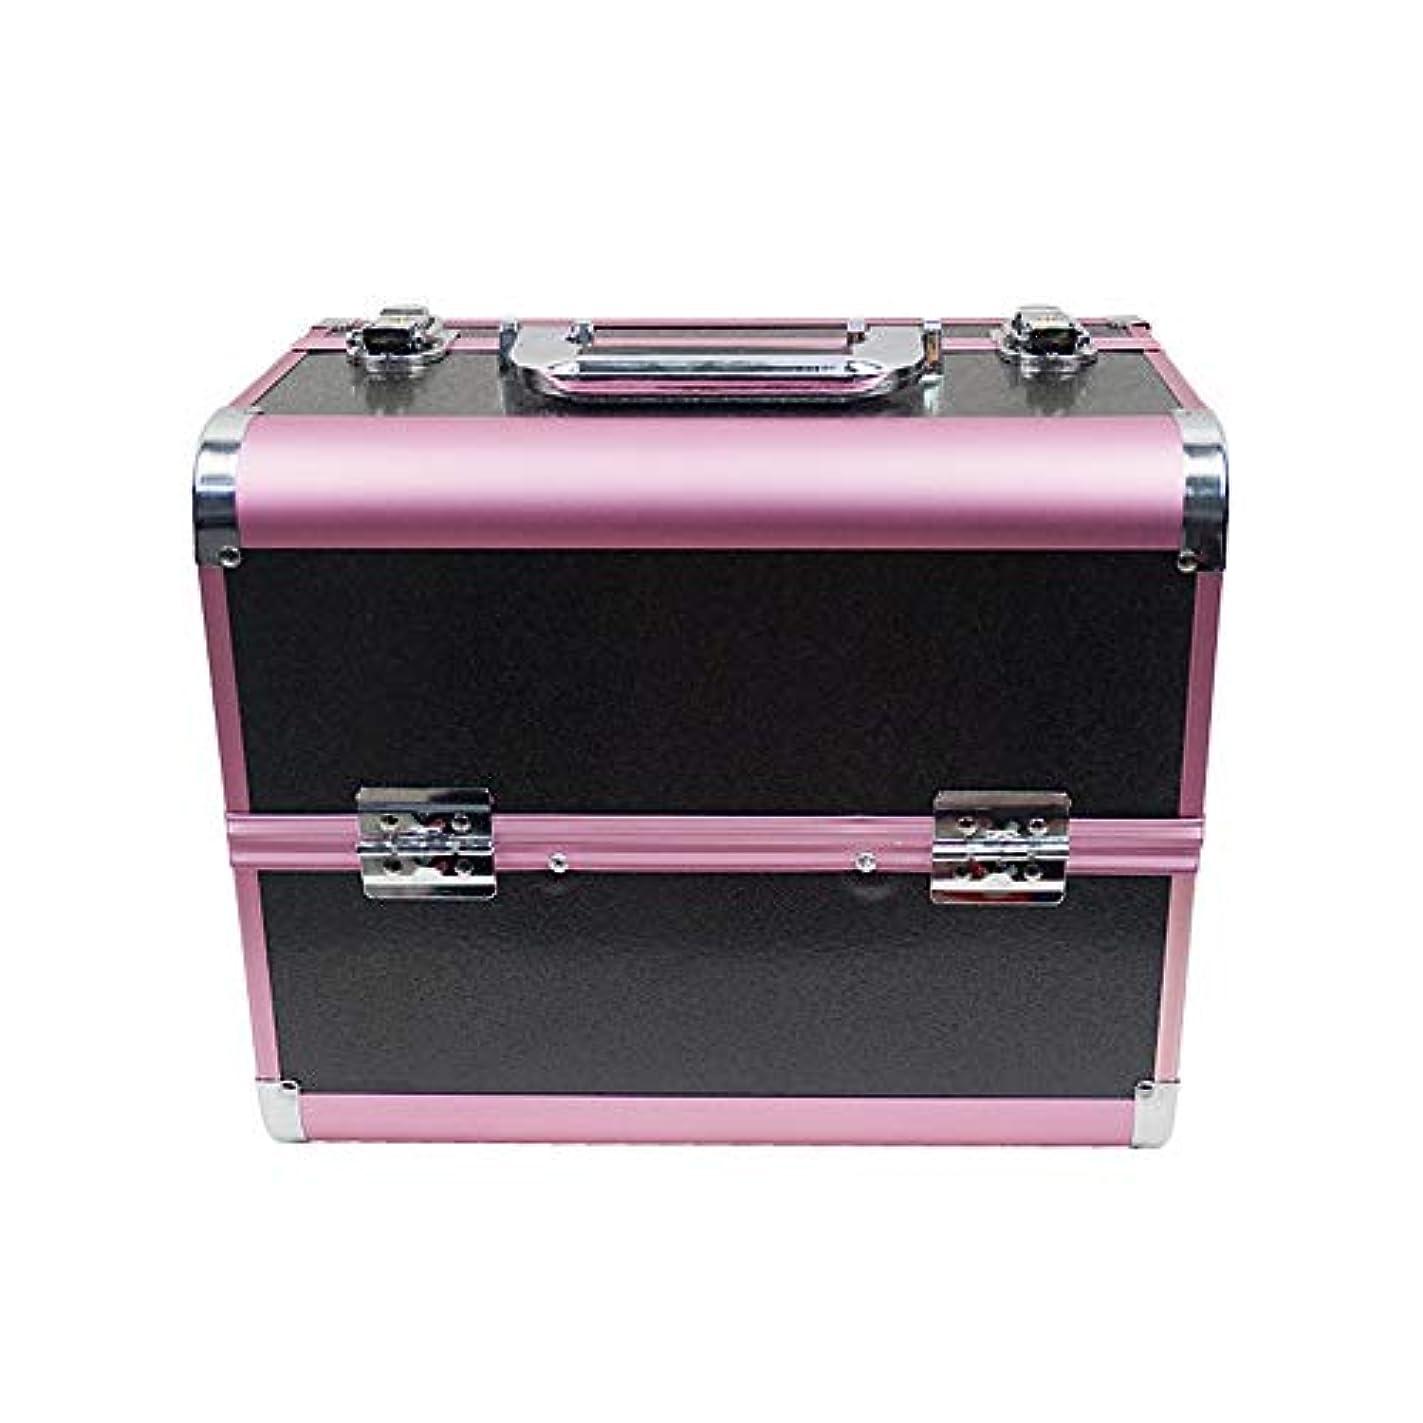 酸定義騒乱化粧オーガナイザーバッグ 大容量ポータブル化粧ケース(トラベルアクセサリー用)シャンプーボディウォッシュパーソナルアイテム収納トレイ 化粧品ケース